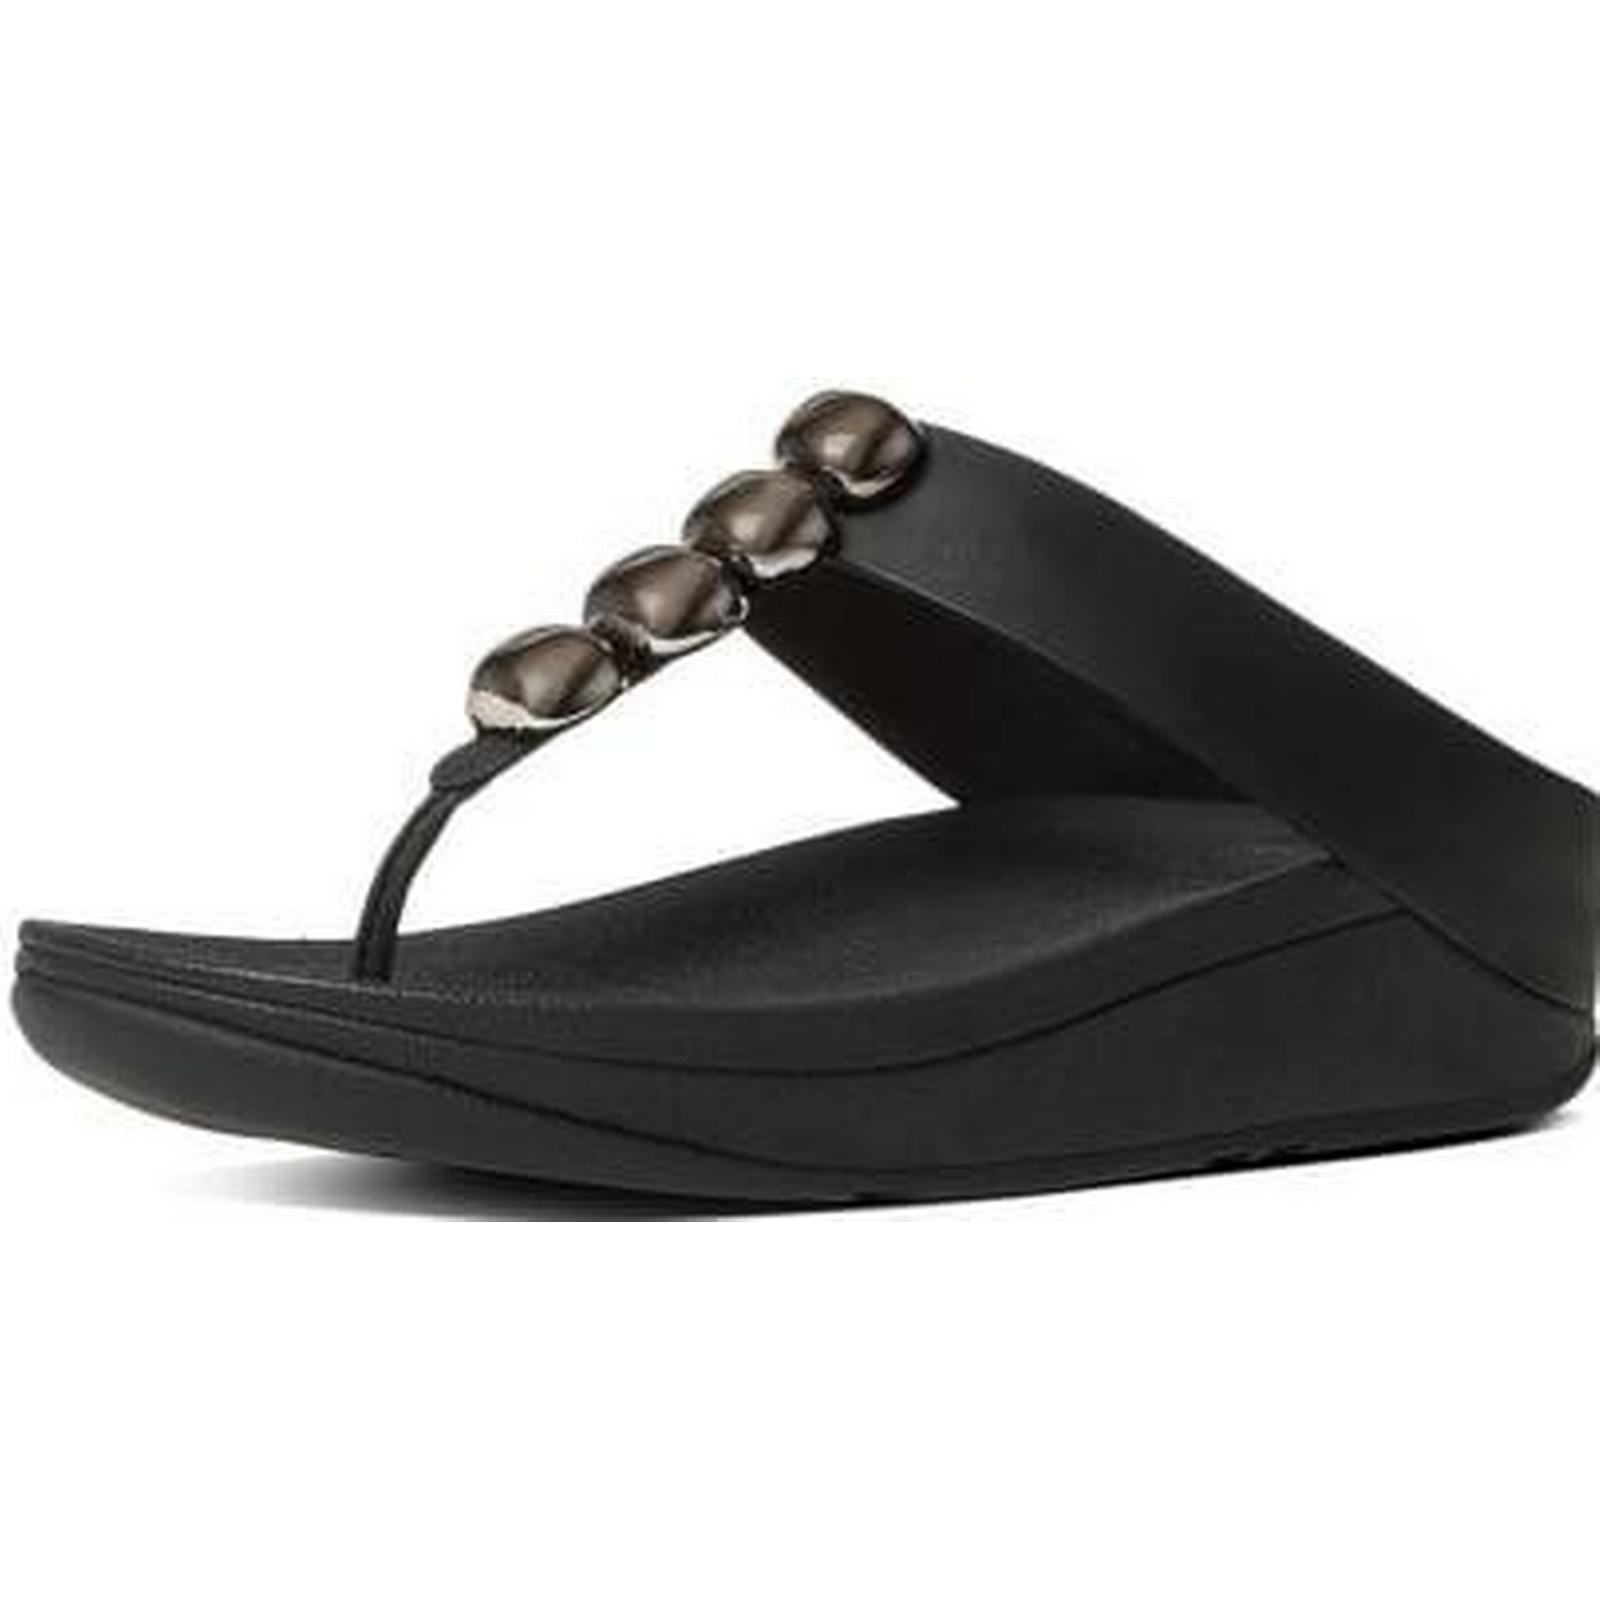 fitflop rola rola fitflop rola fitflop sandales taille: 2,5, la couleur: noir f51649